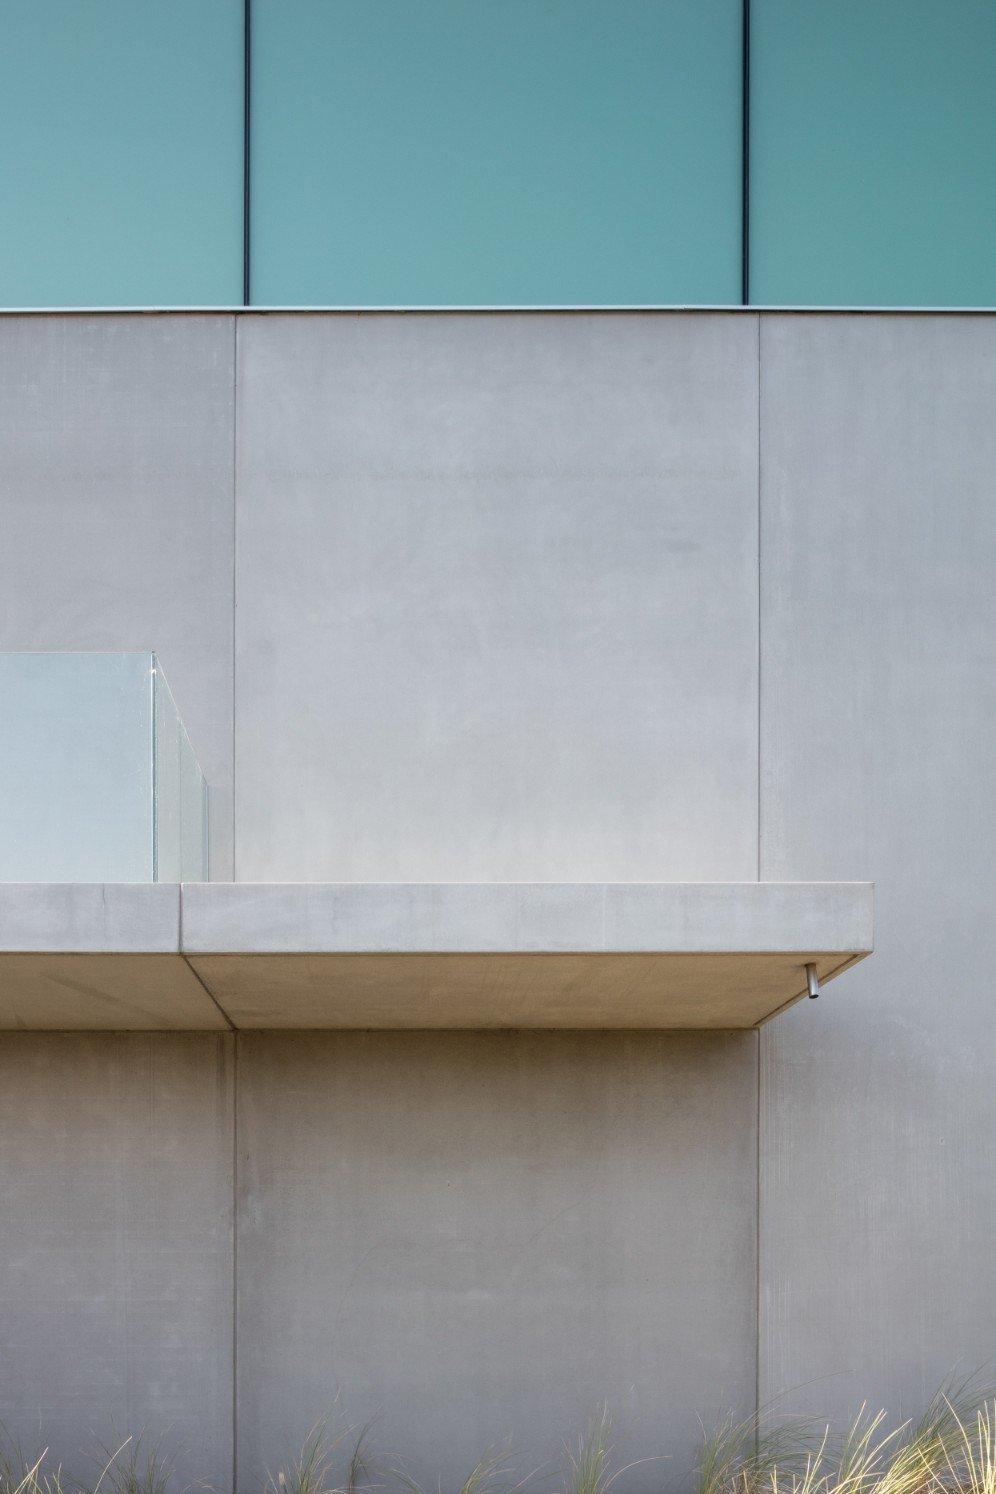 Rietveldprojects-saarinen-appartement-design-architectuur-kust-tvdv3.jpg